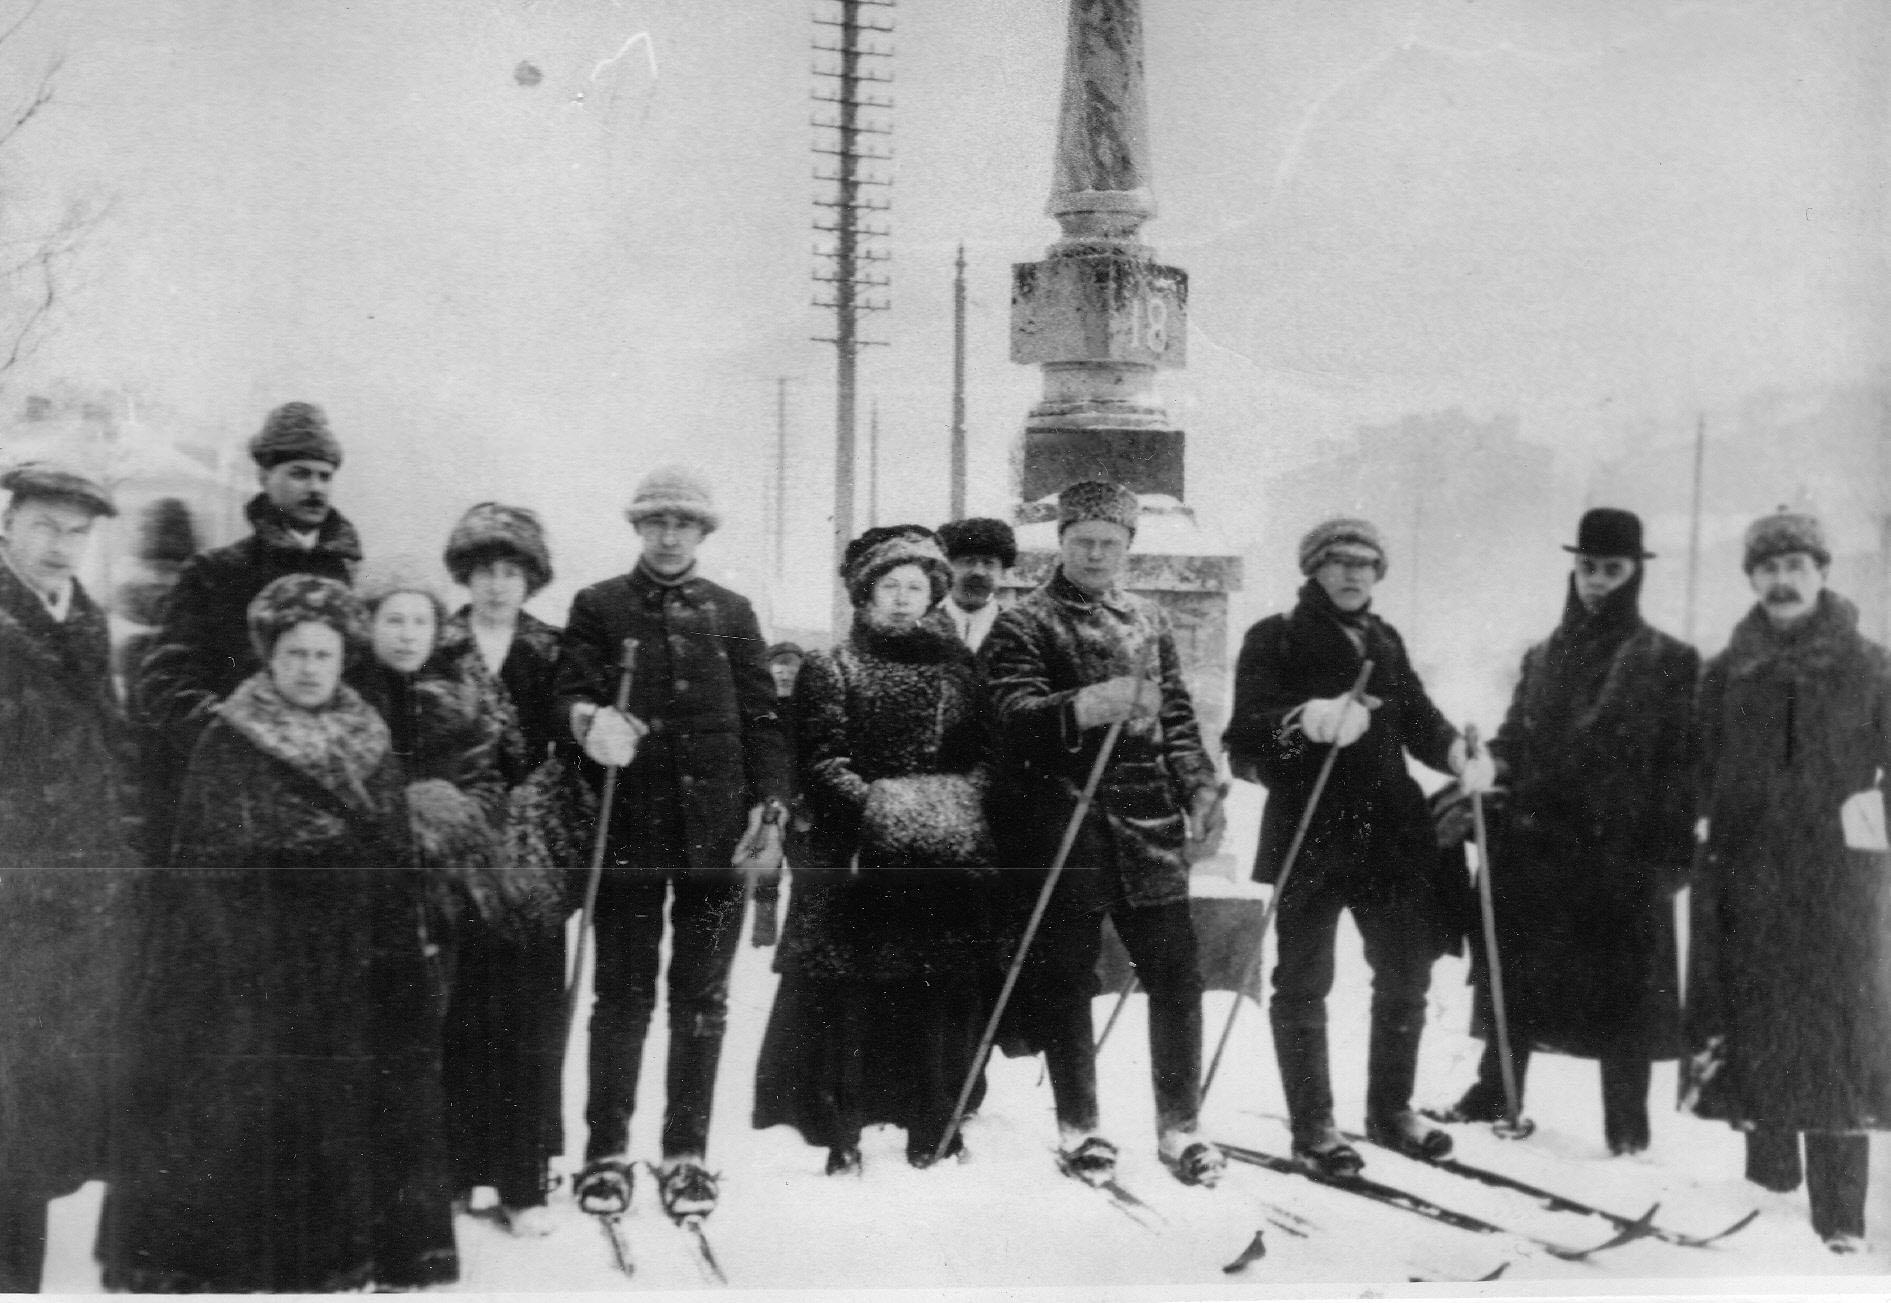 Участники похода-реванша москвичам; перед выходом с группой провожающих слева направо М.И.Мургин, С.Д.Кононов, П.К.Максимов